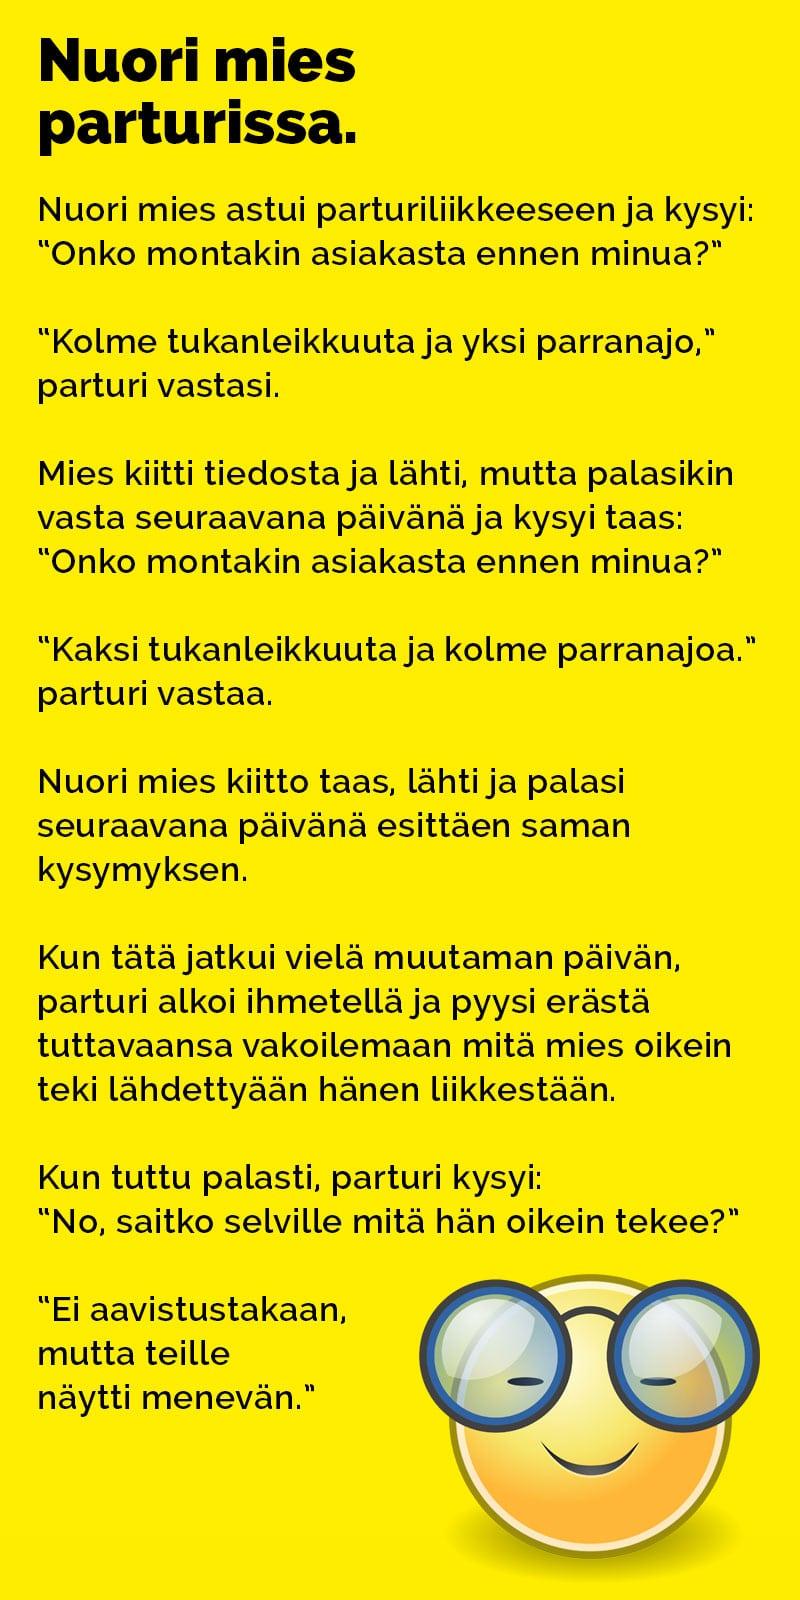 nuori_mies_parturissa_2